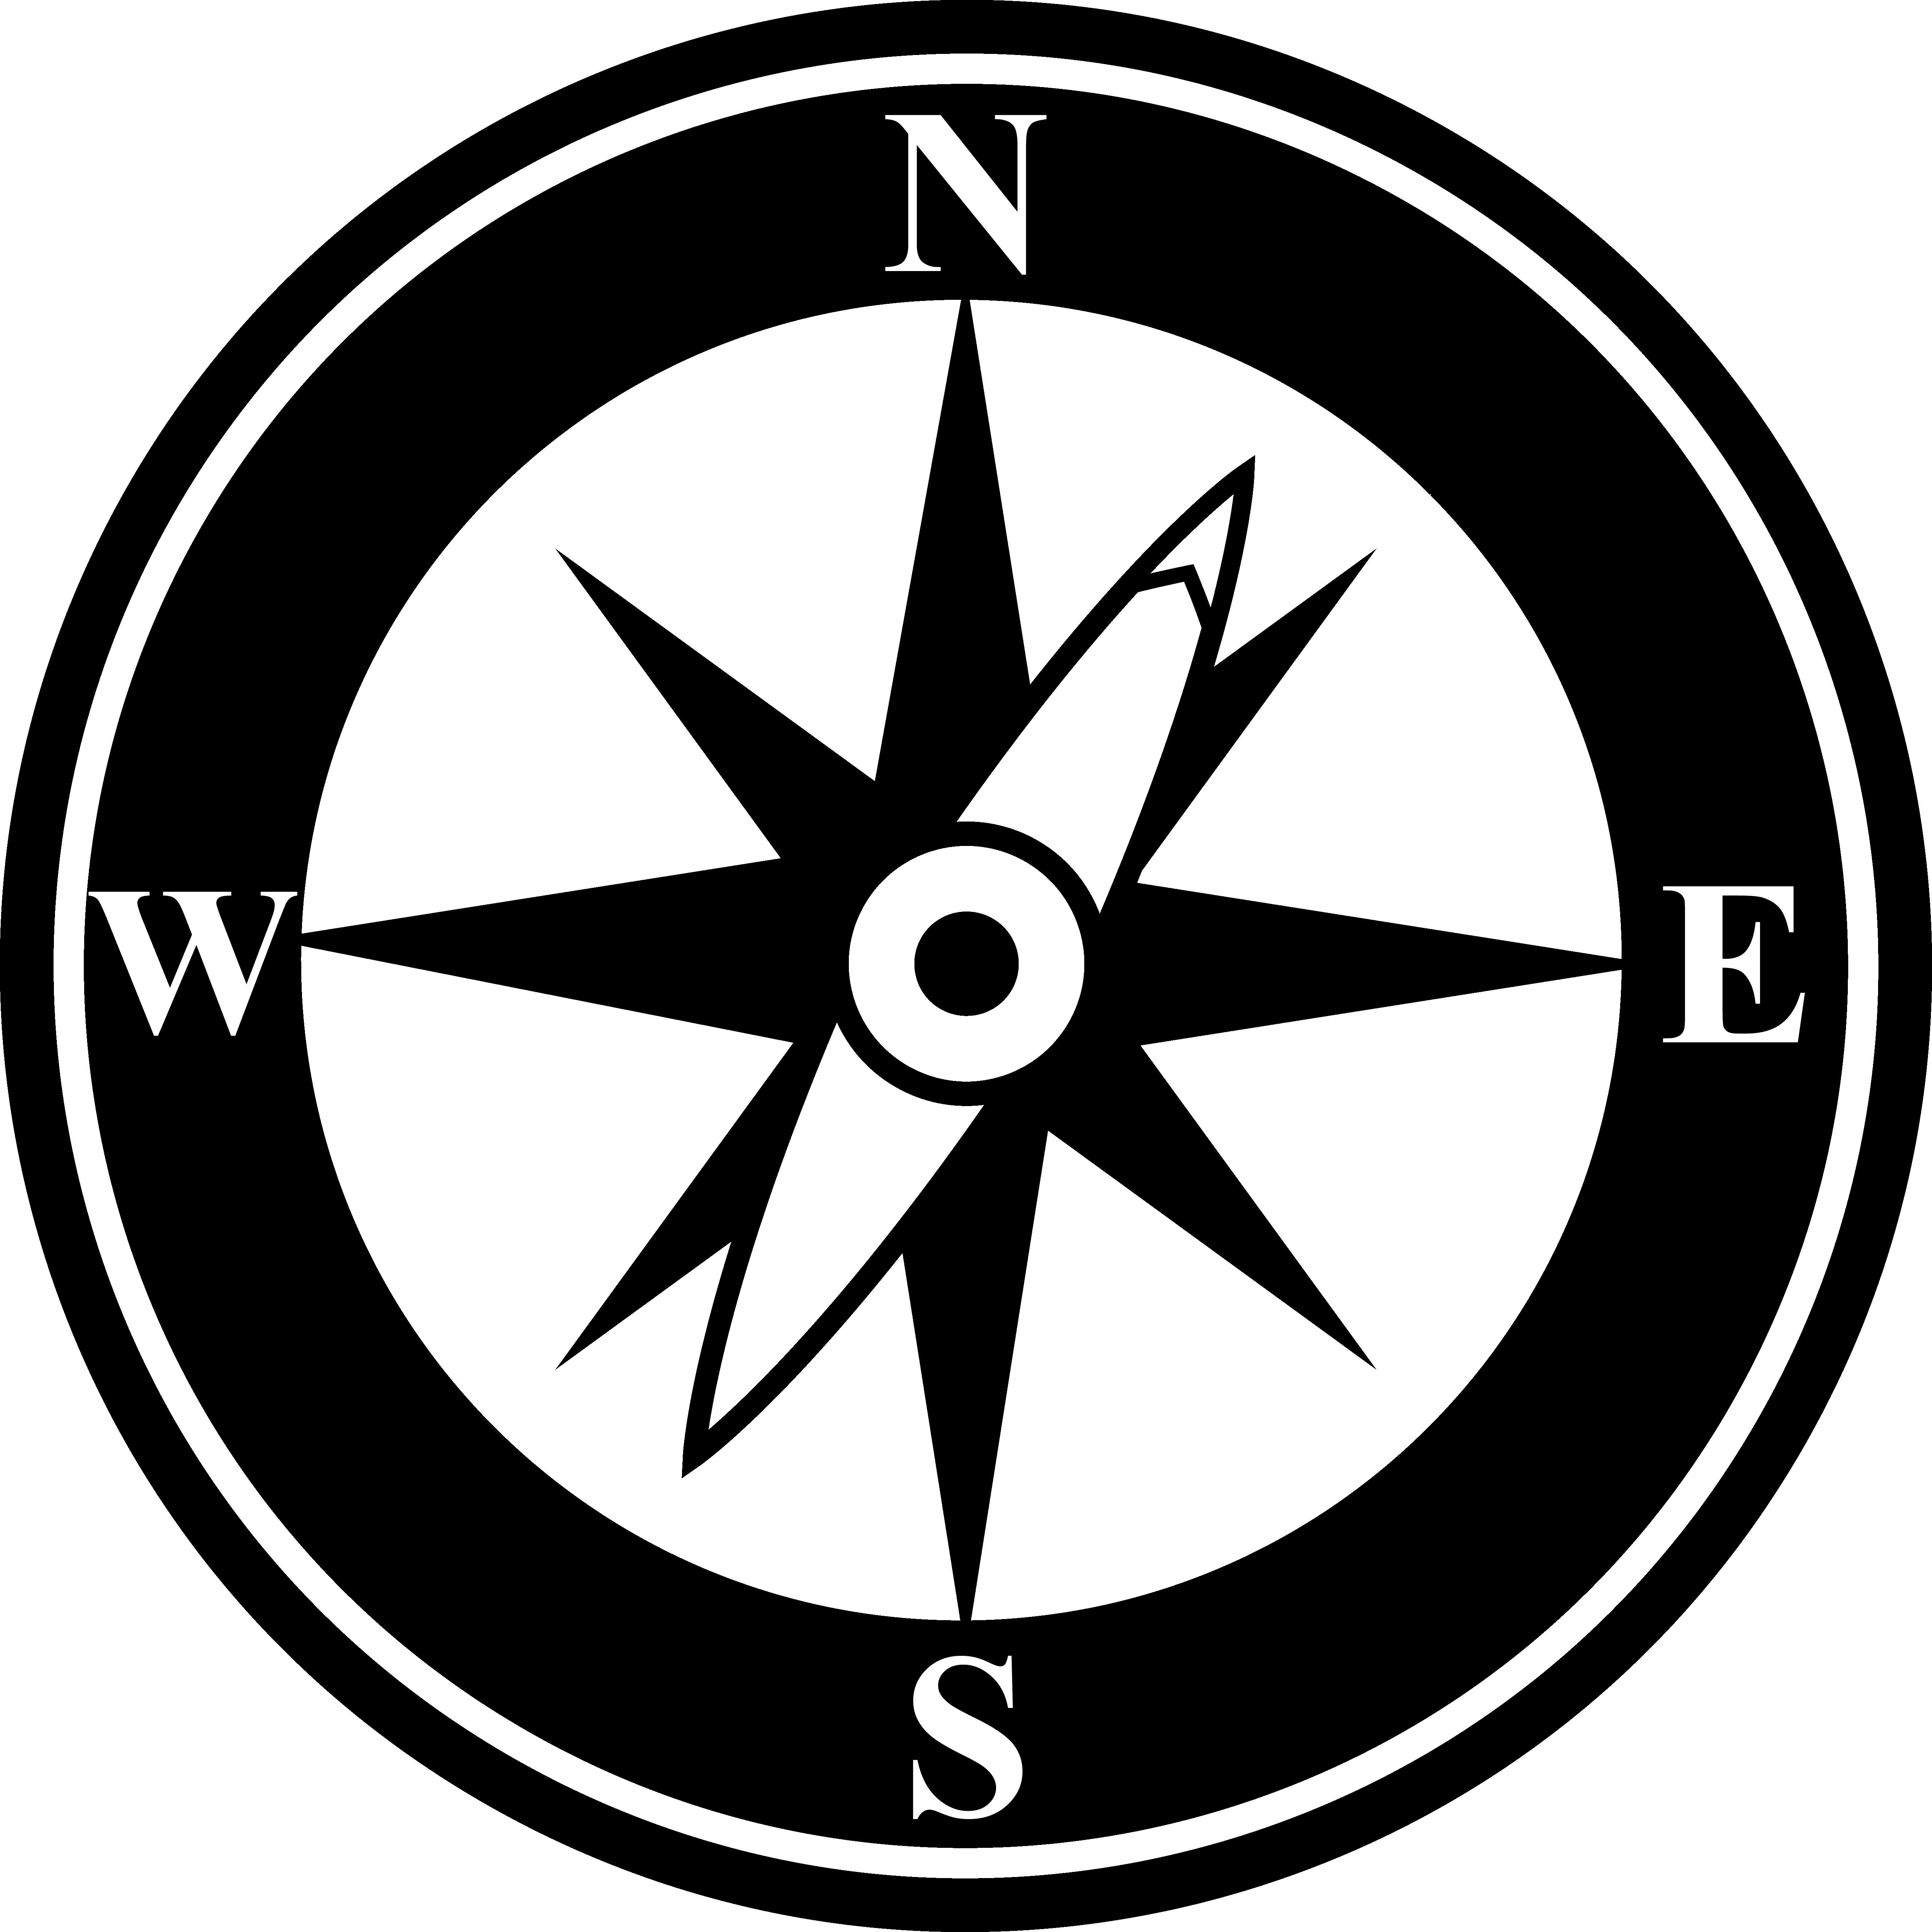 Best Compass Clip Art 9157 Free clip art, Best compass